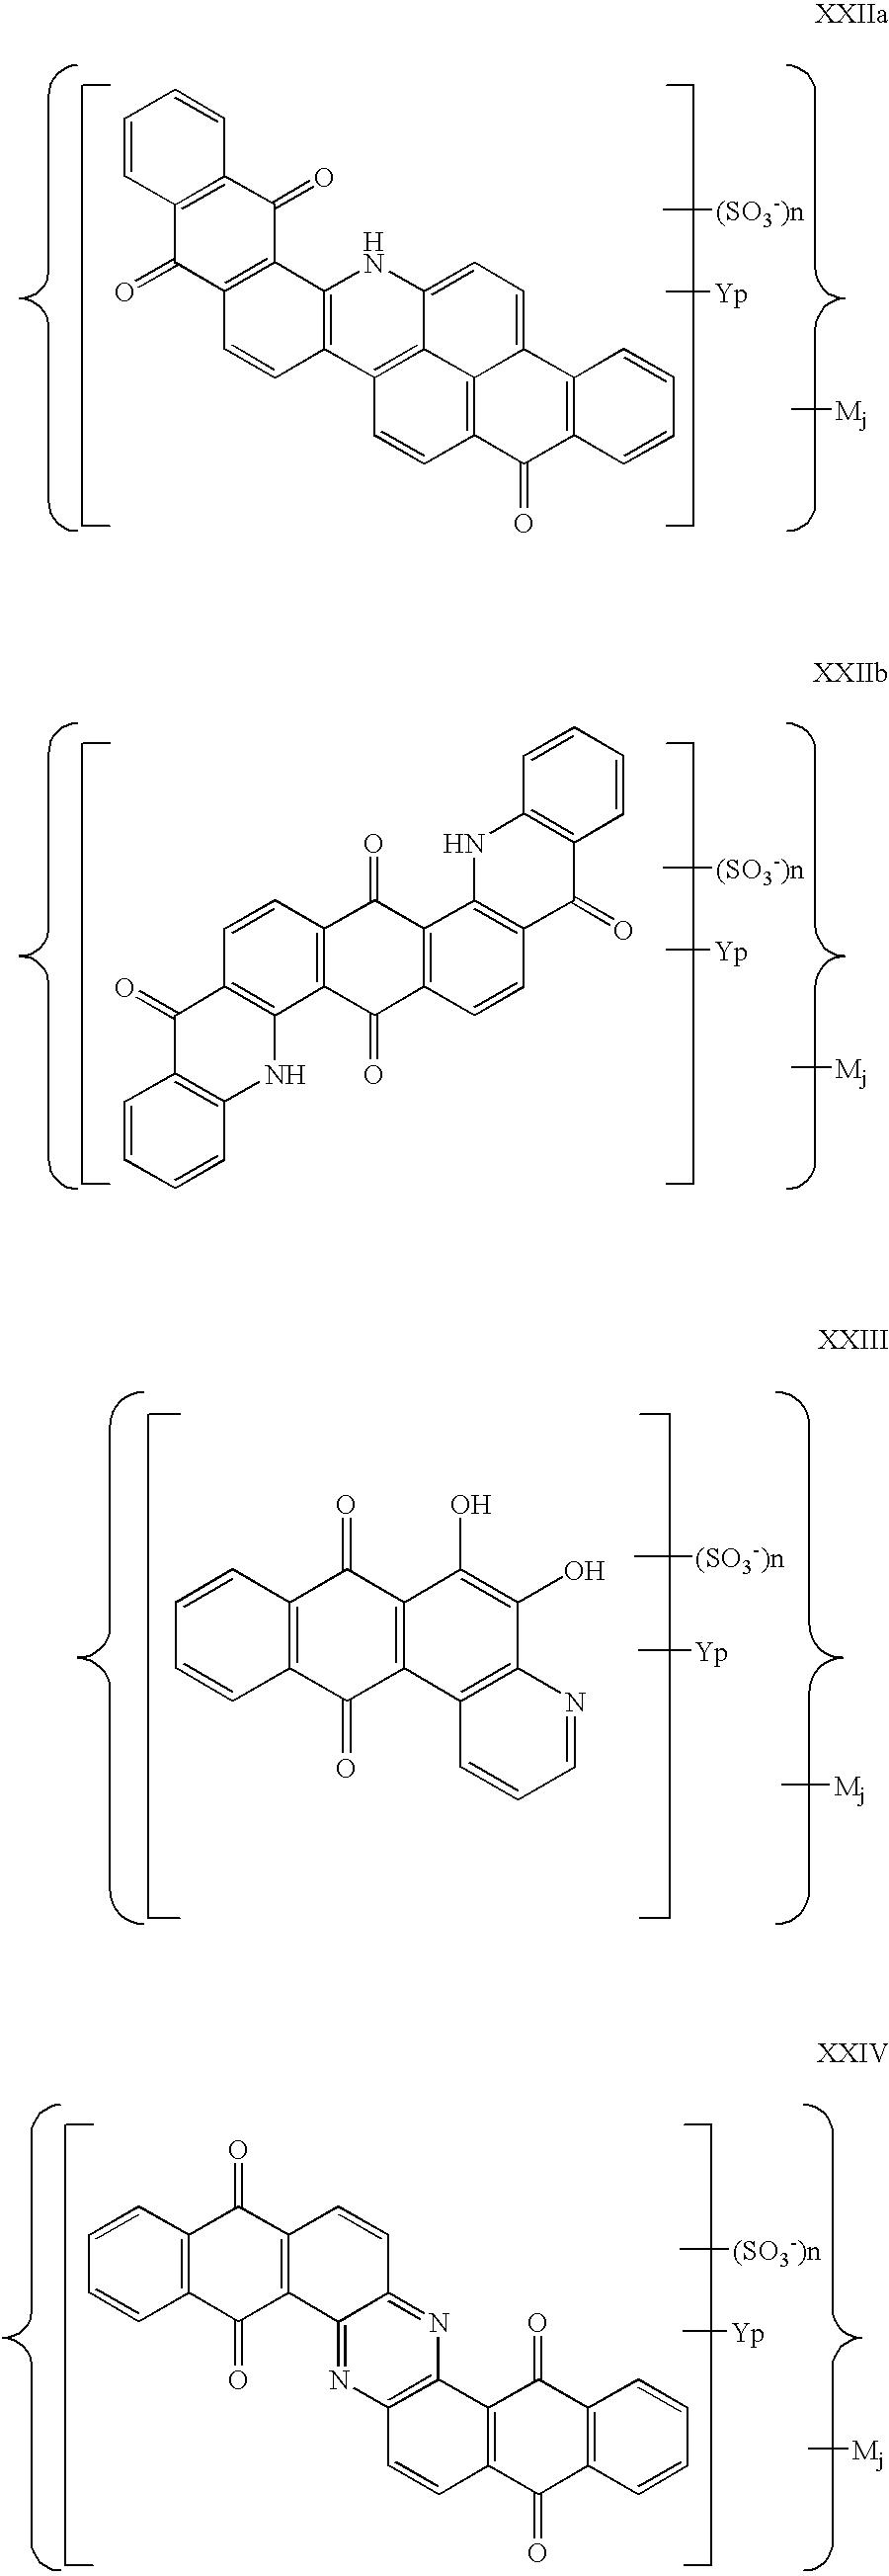 Figure US20050104027A1-20050519-C00073